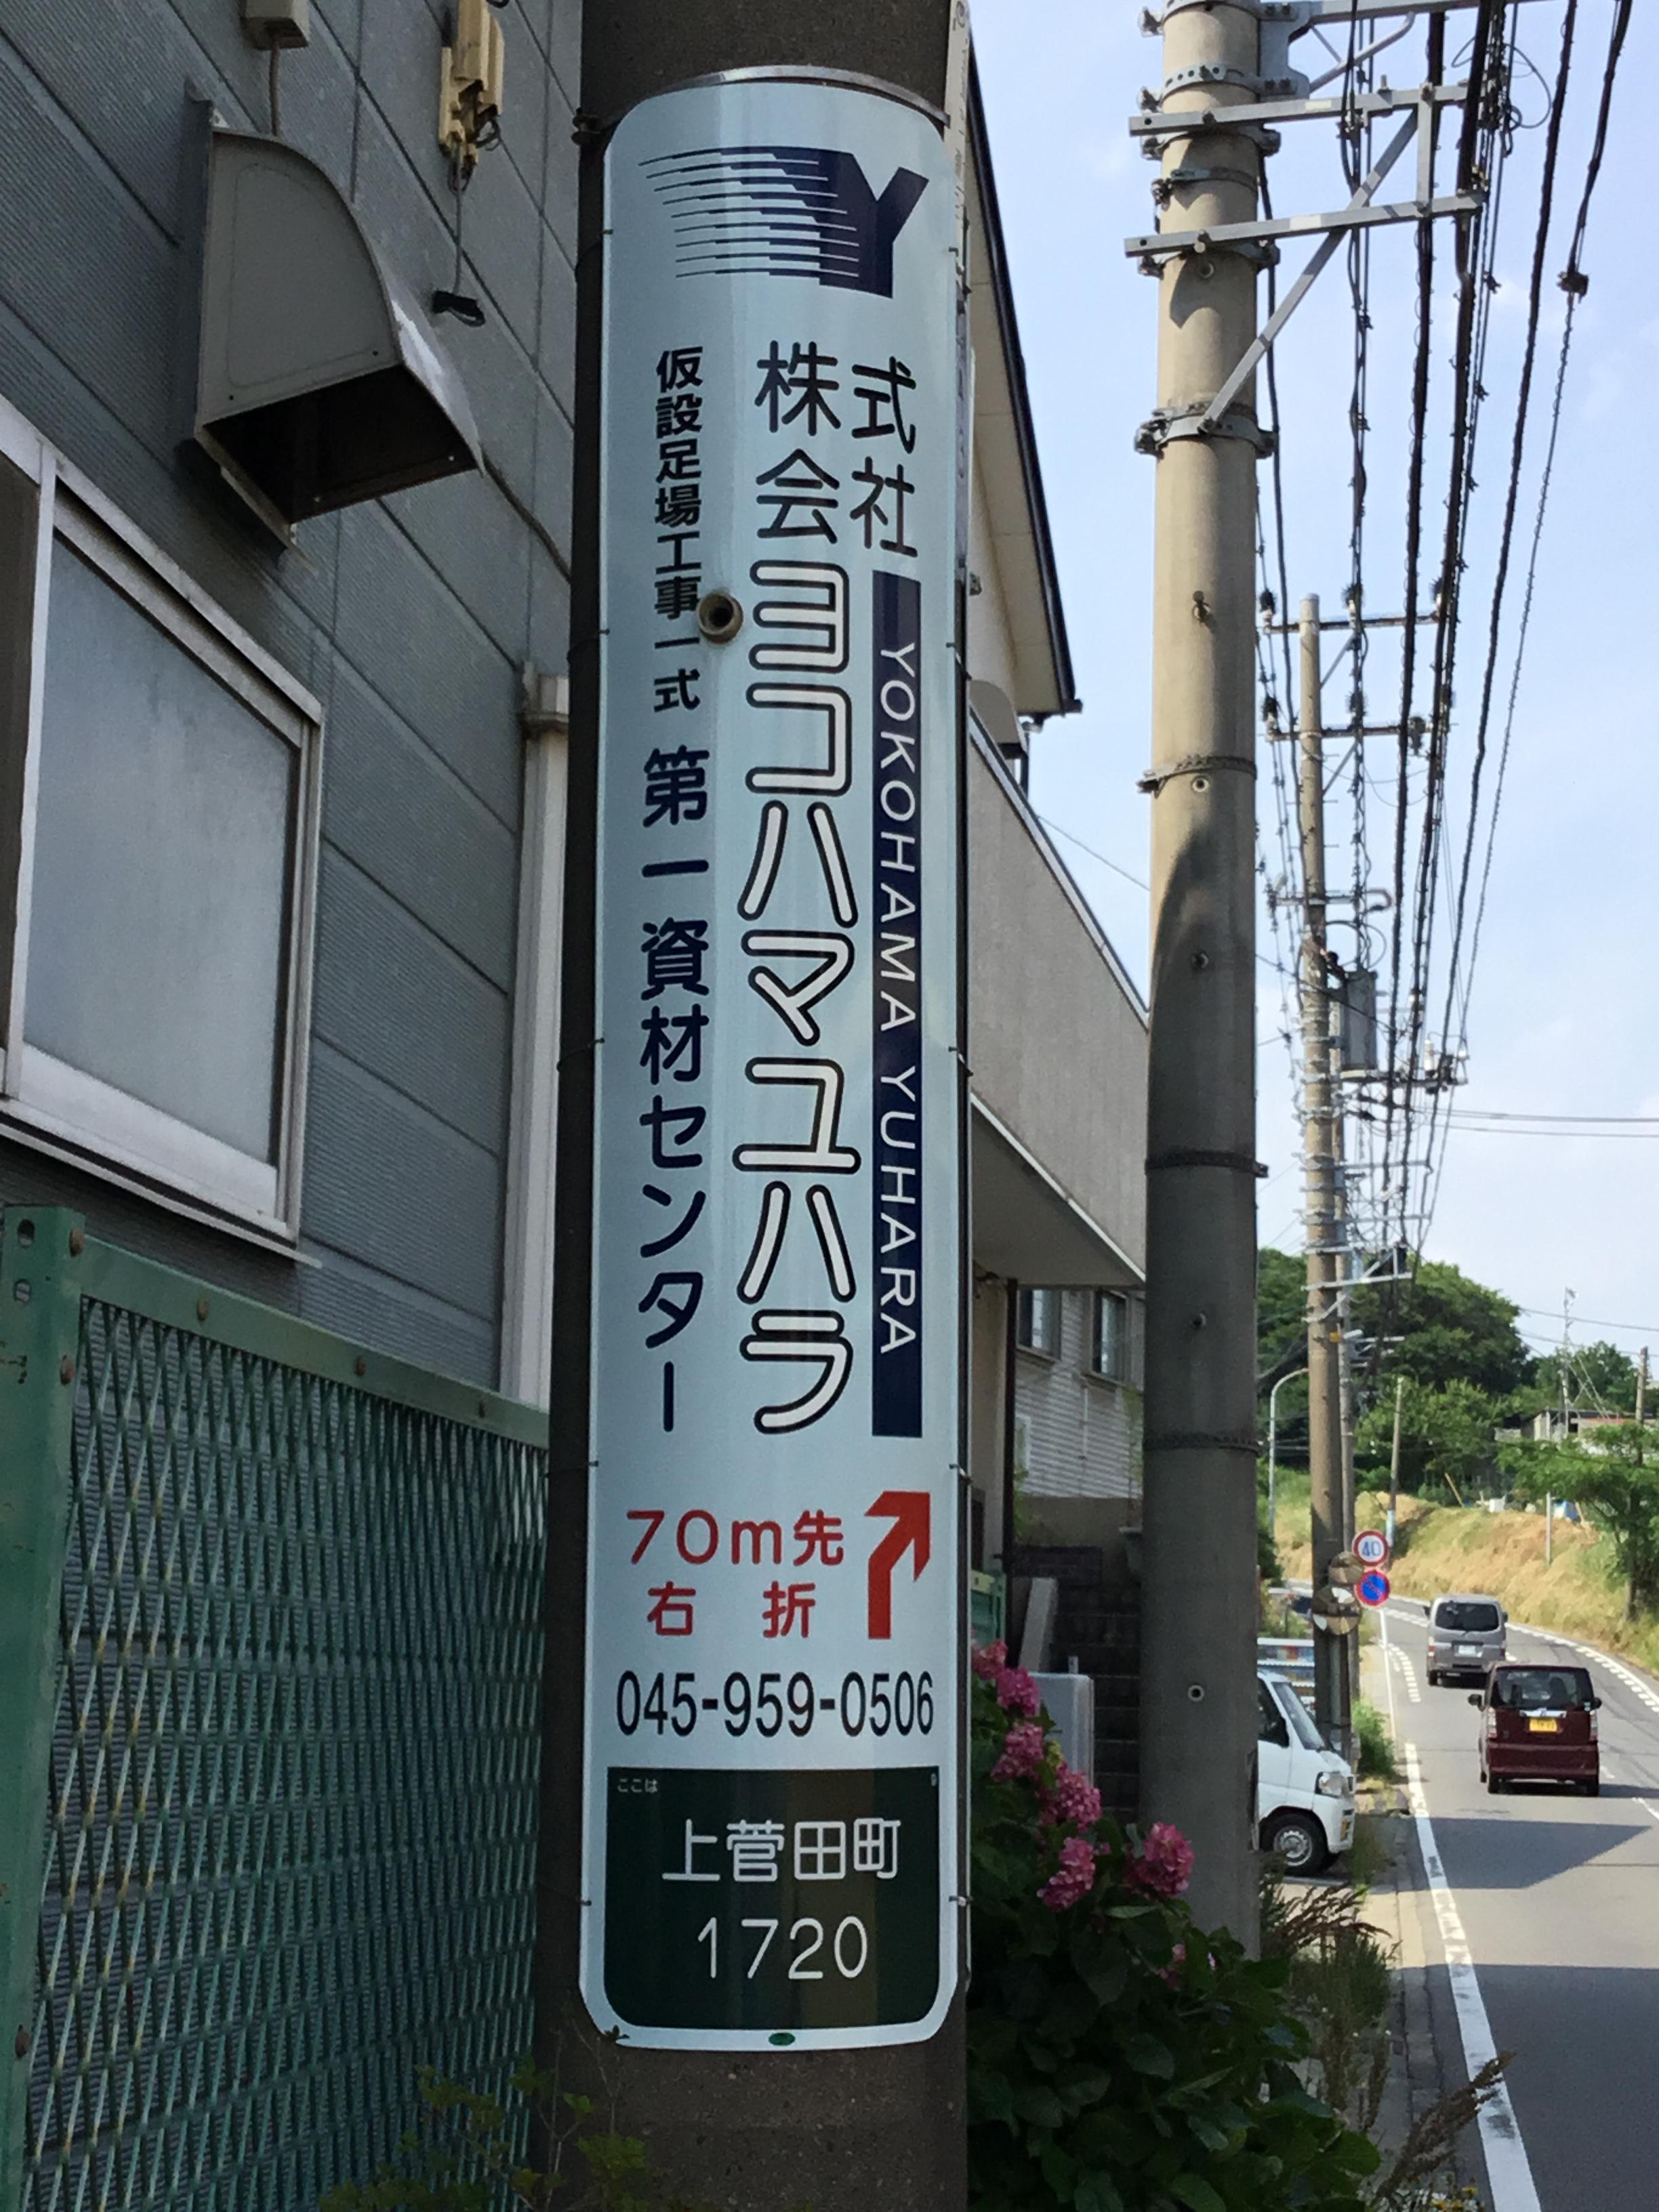 株式会社 ヨコハマユハラ 様